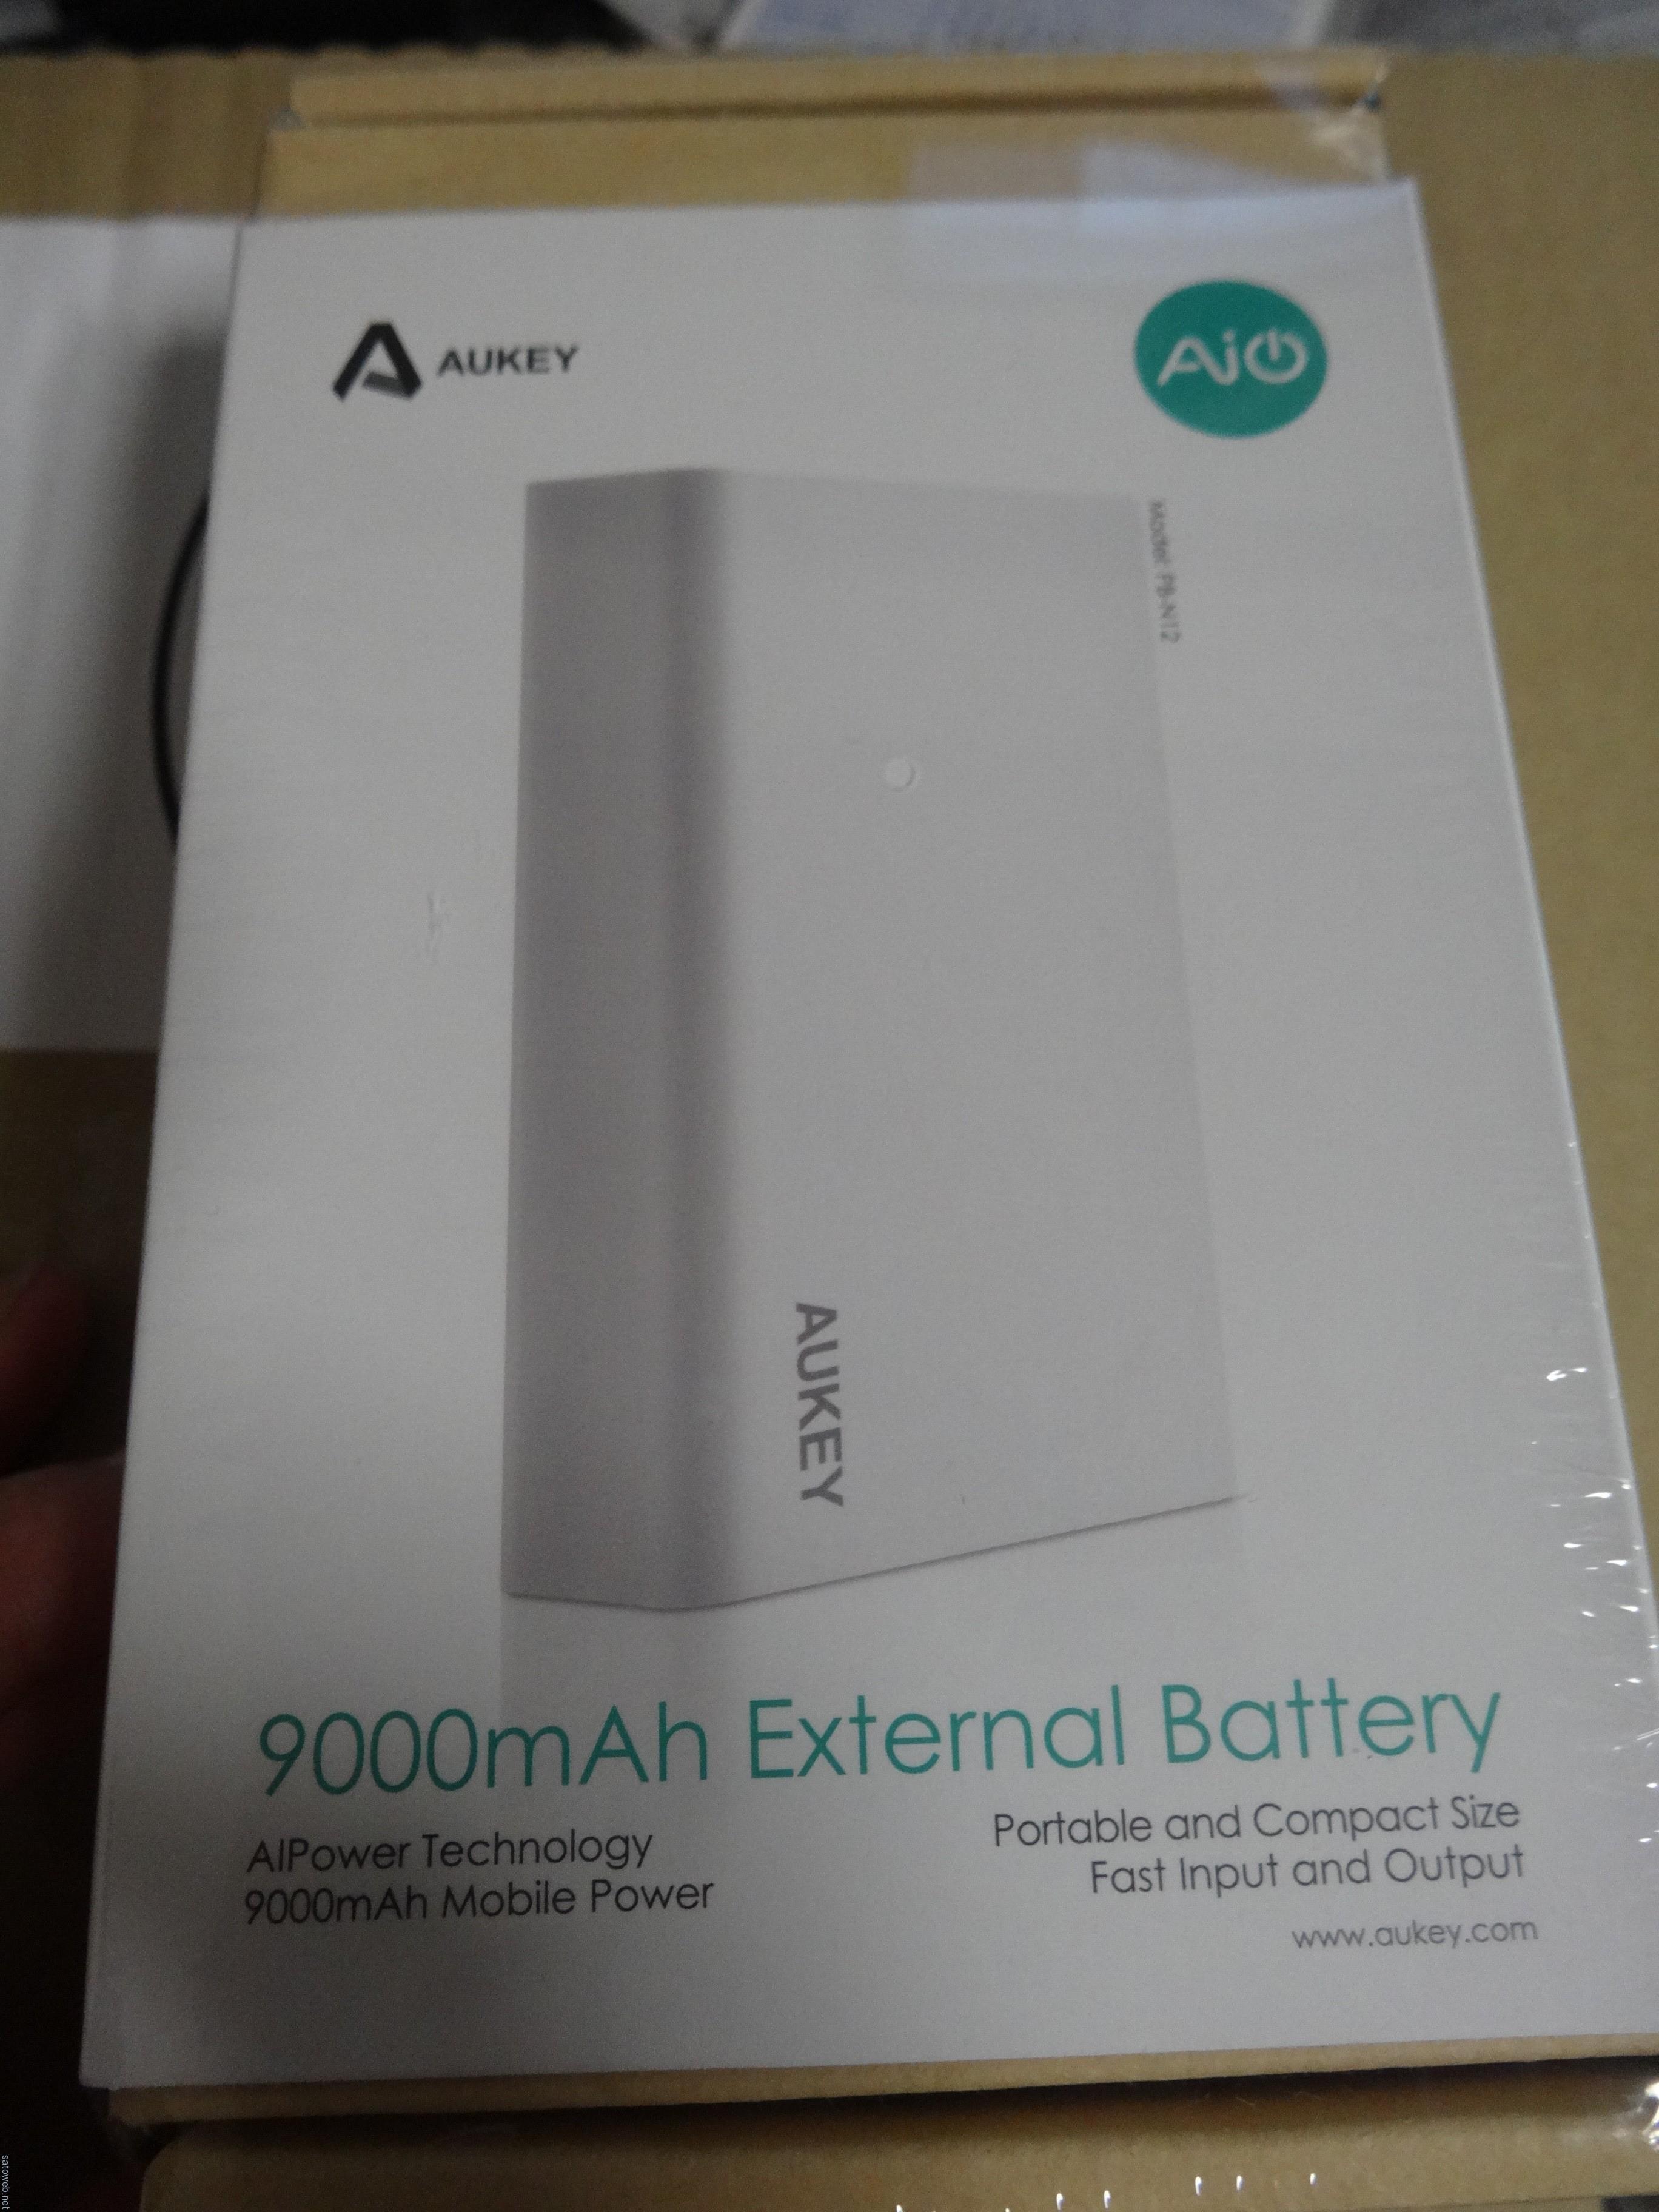 「Aukey 9000mAh大容量モバイルバッテリー PB-N12」フォトレビュー